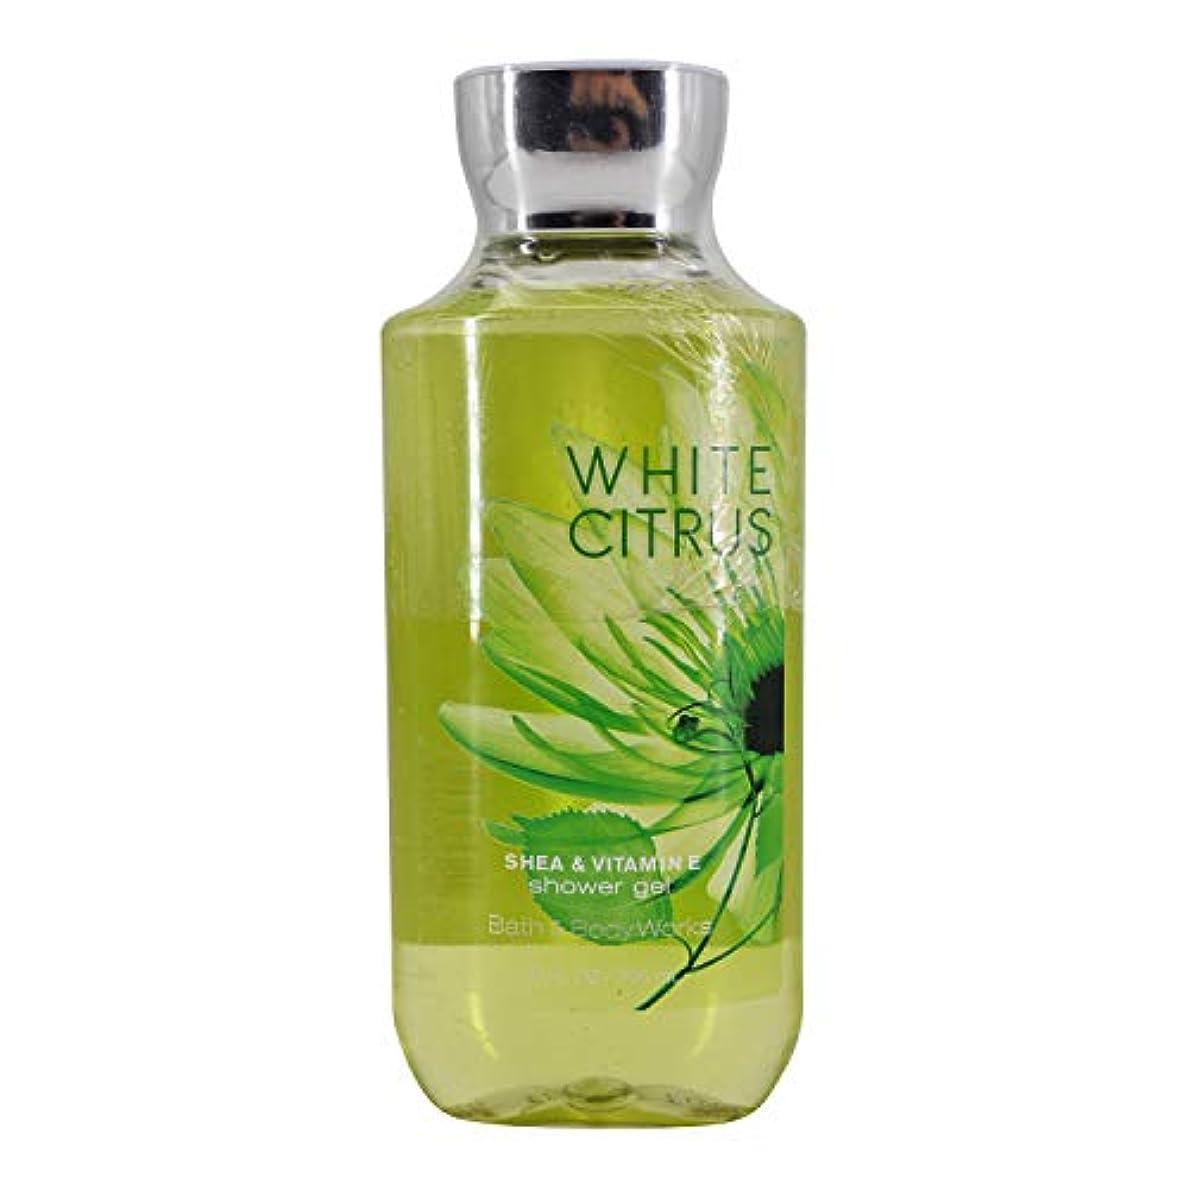 まさにペインティングカバレッジ【Bath&Body Works/バス&ボディワークス】 シャワージェル ホワイトシトラス Shower Gel White Citrus 10 fl oz / 295 mL [並行輸入品]